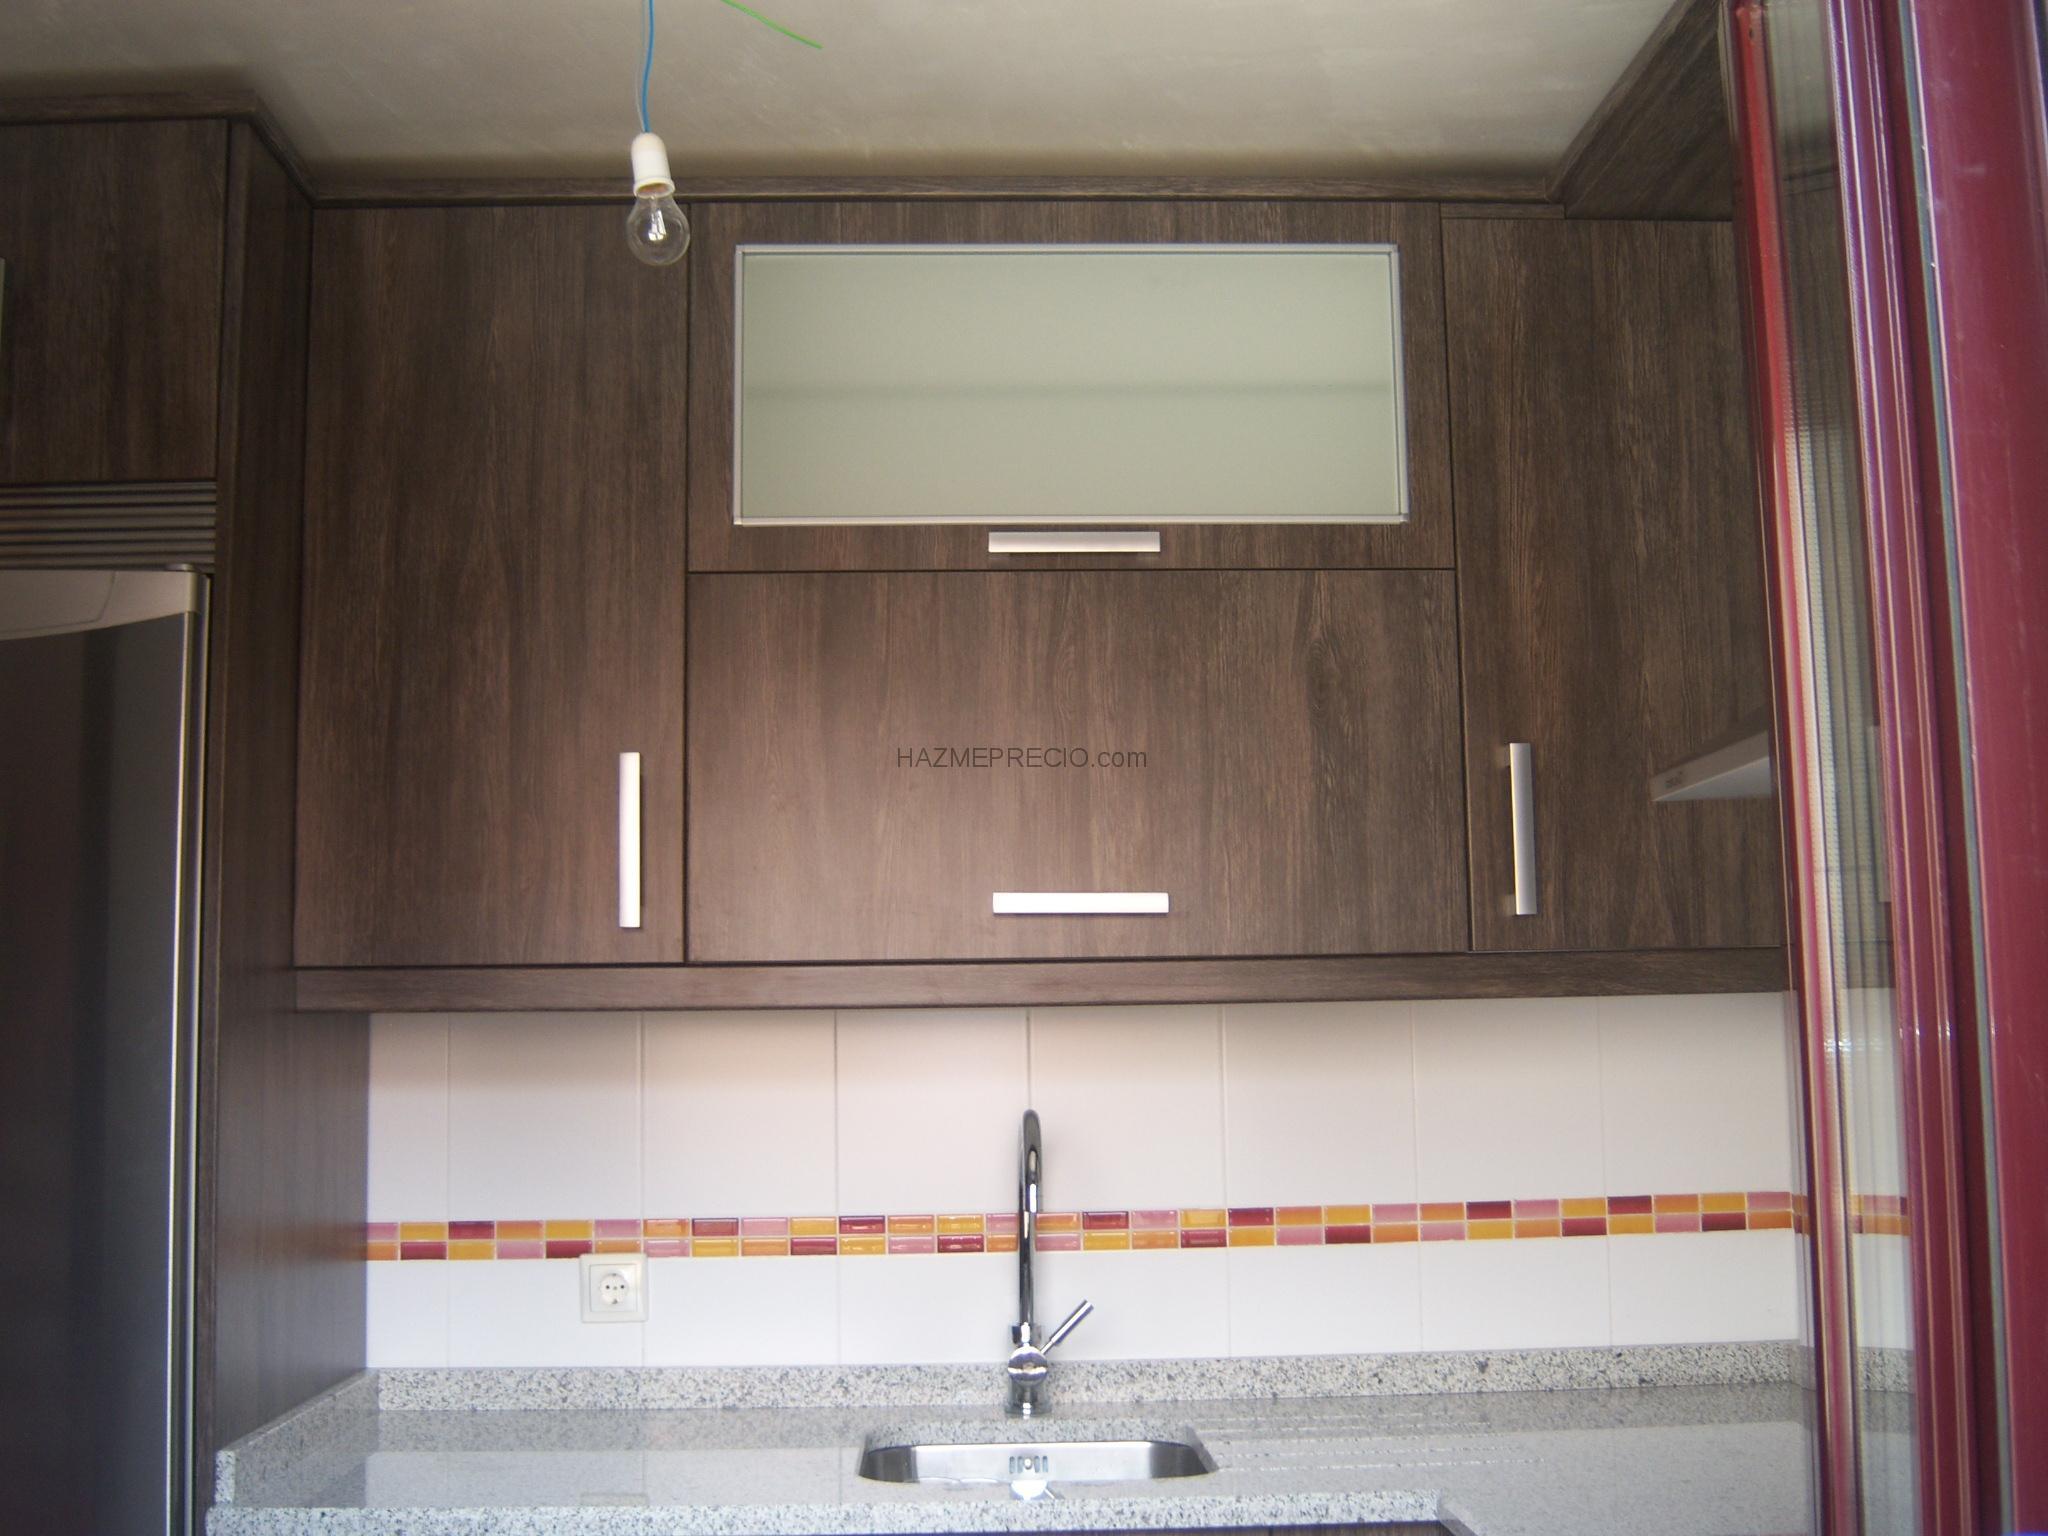 Muebles de cocina eurolar 28018 madrid madrid for Granito blanco real